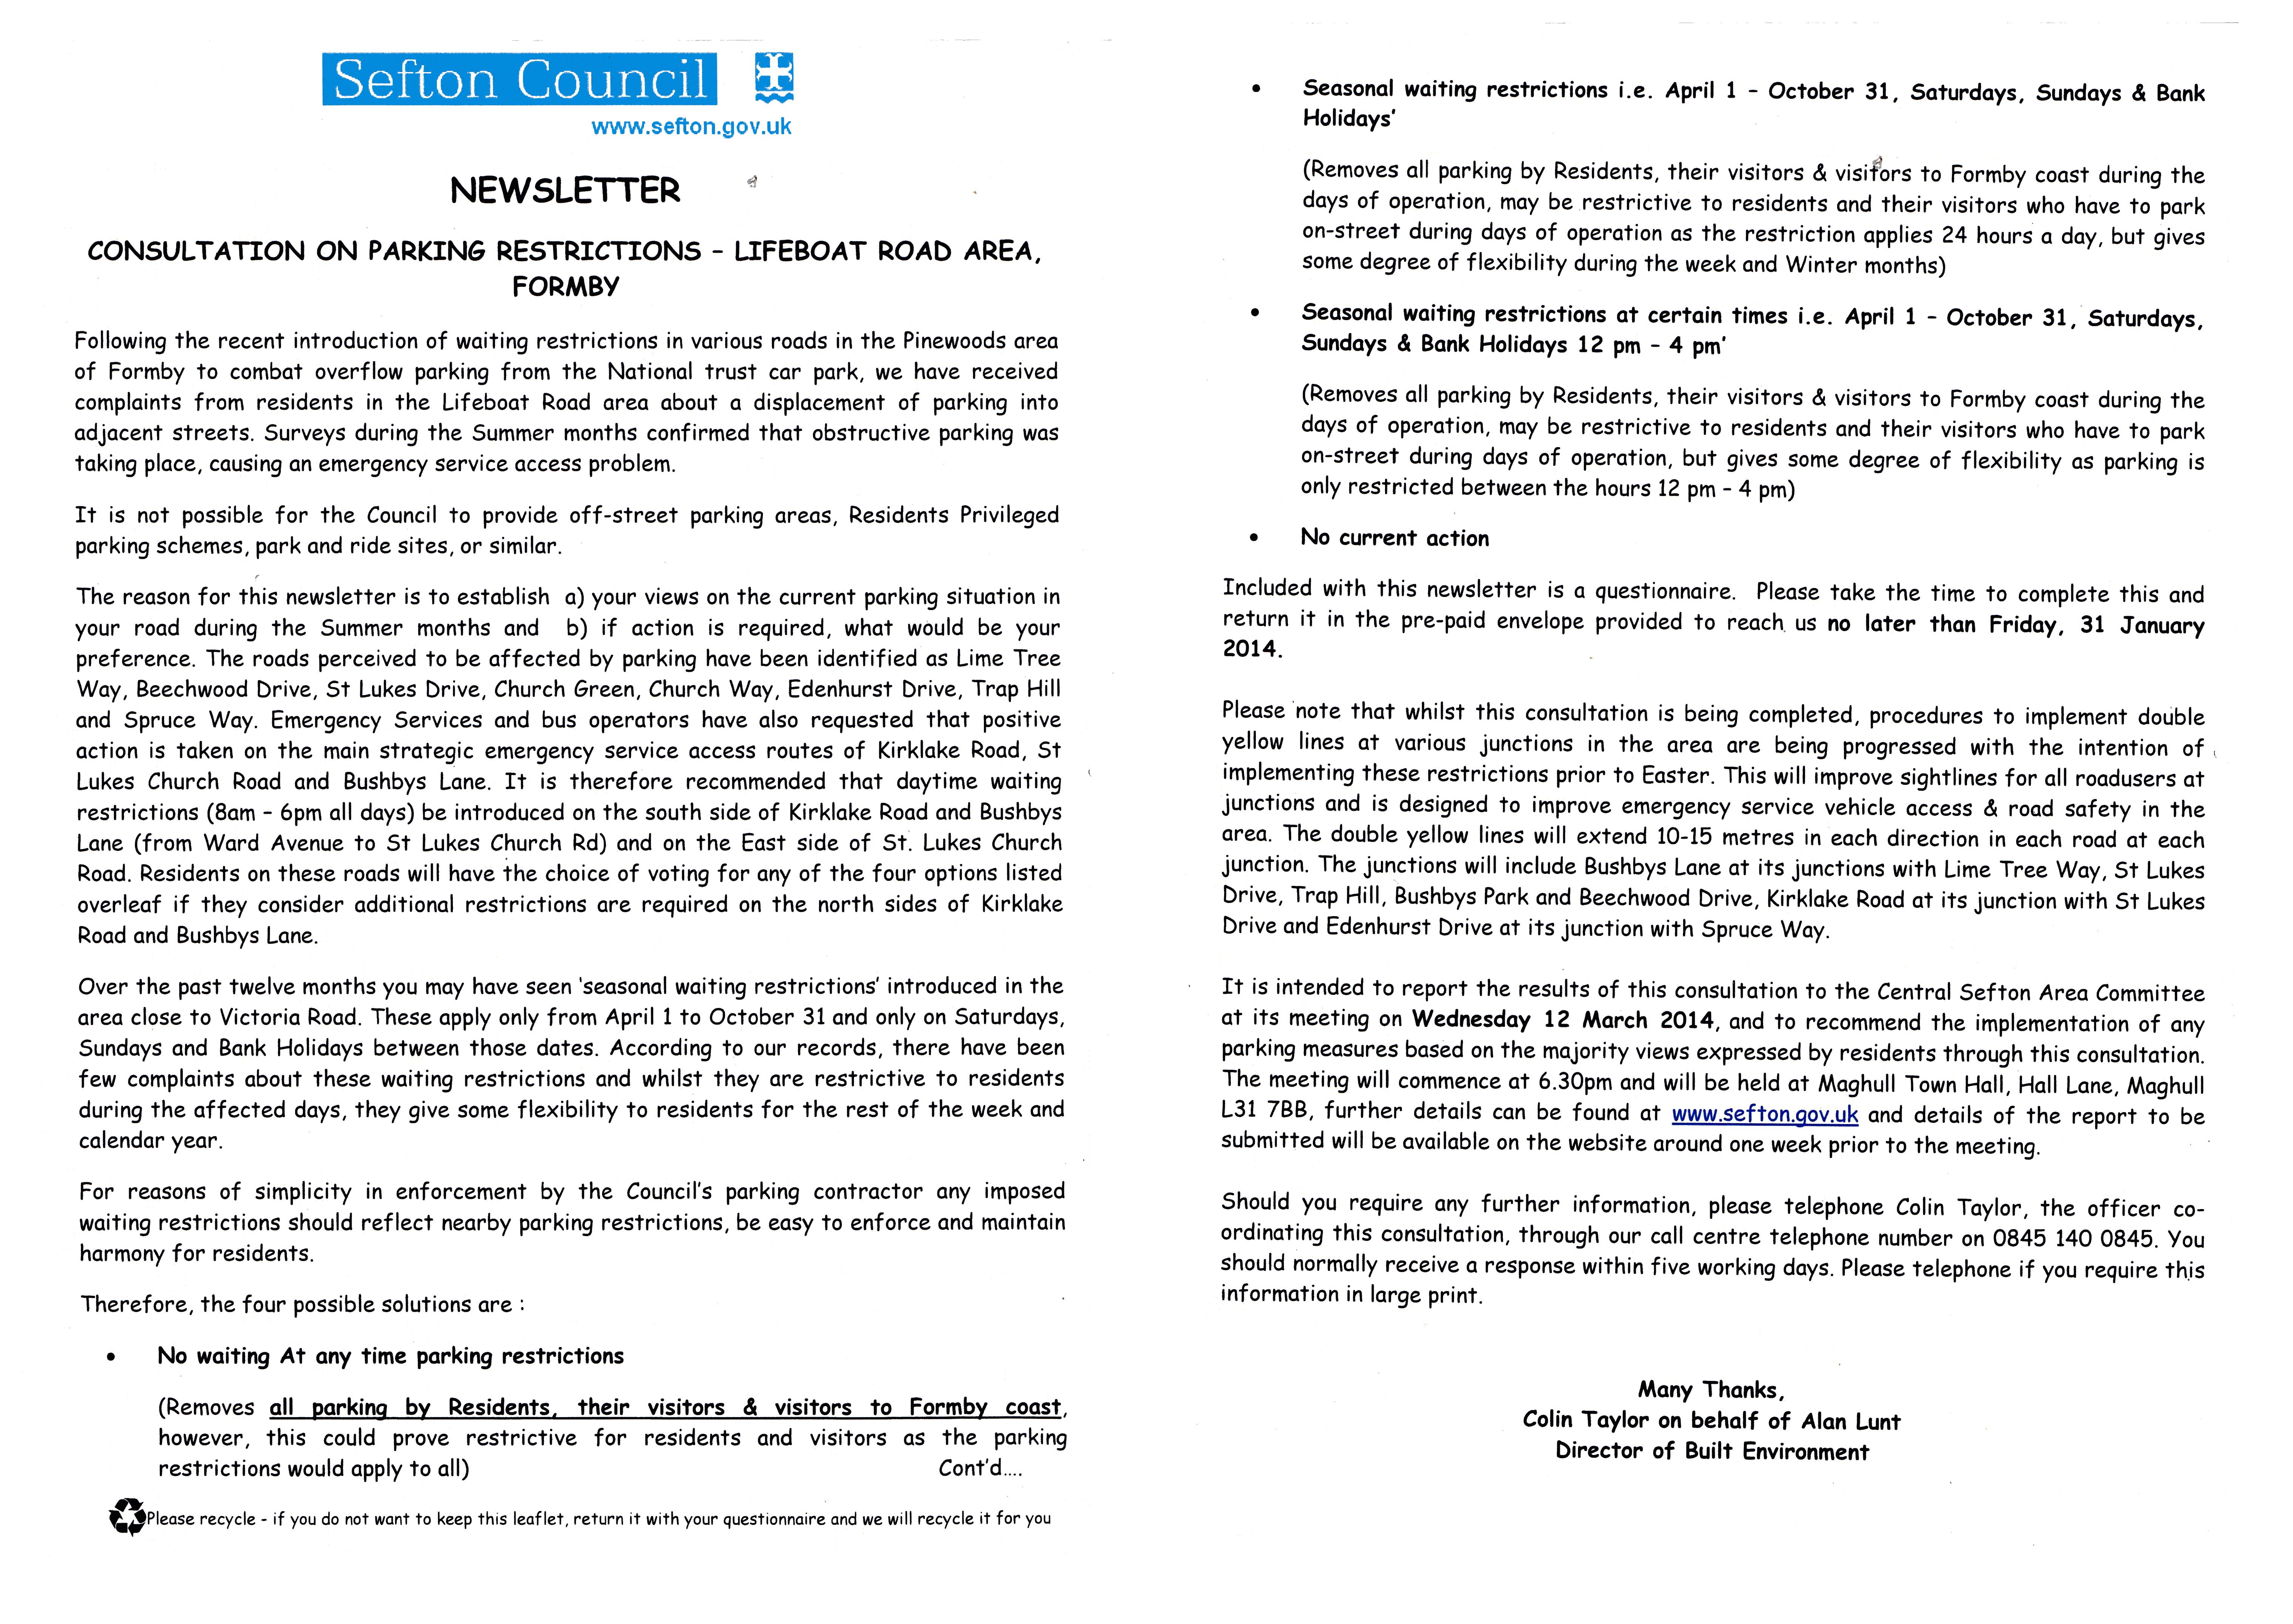 Pothole damage claim letter vatozozdevelopment pothole damage claim letter spiritdancerdesigns Image collections